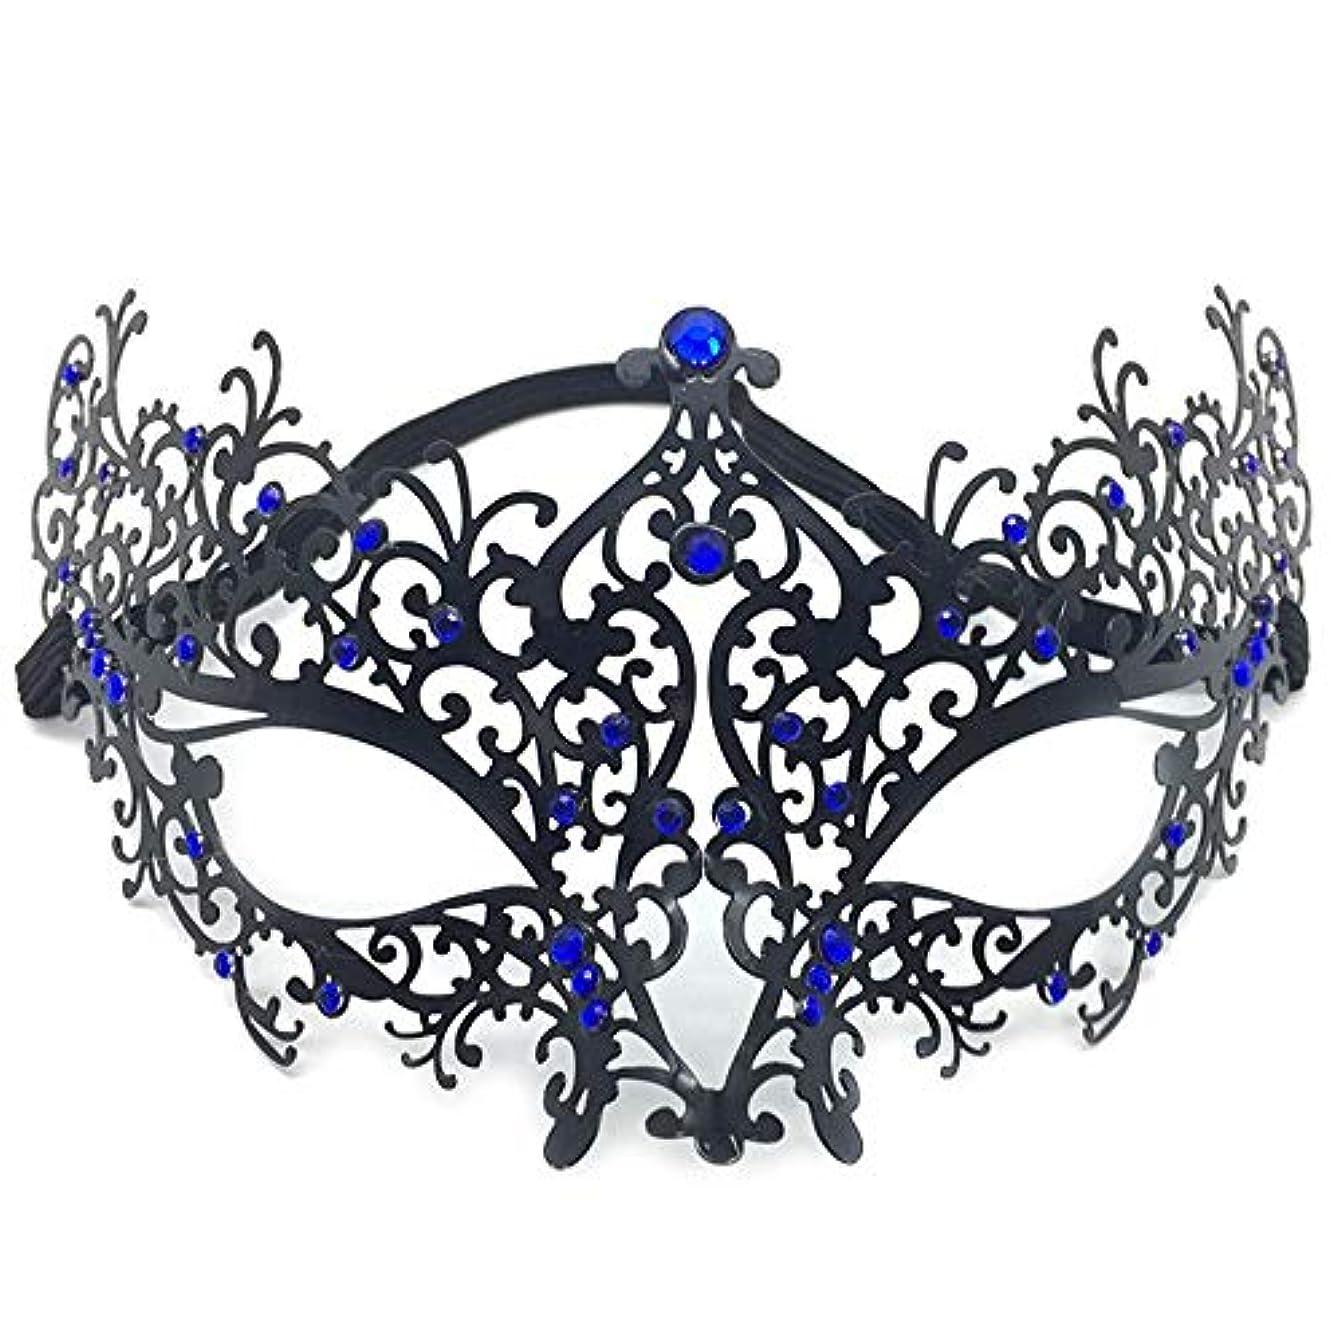 キリン少ない照らすハロウィーンマスク仮装アイアンマスクパーティードレスアップメタルダイヤモンドハーフフェイスマスク (Color : RED)